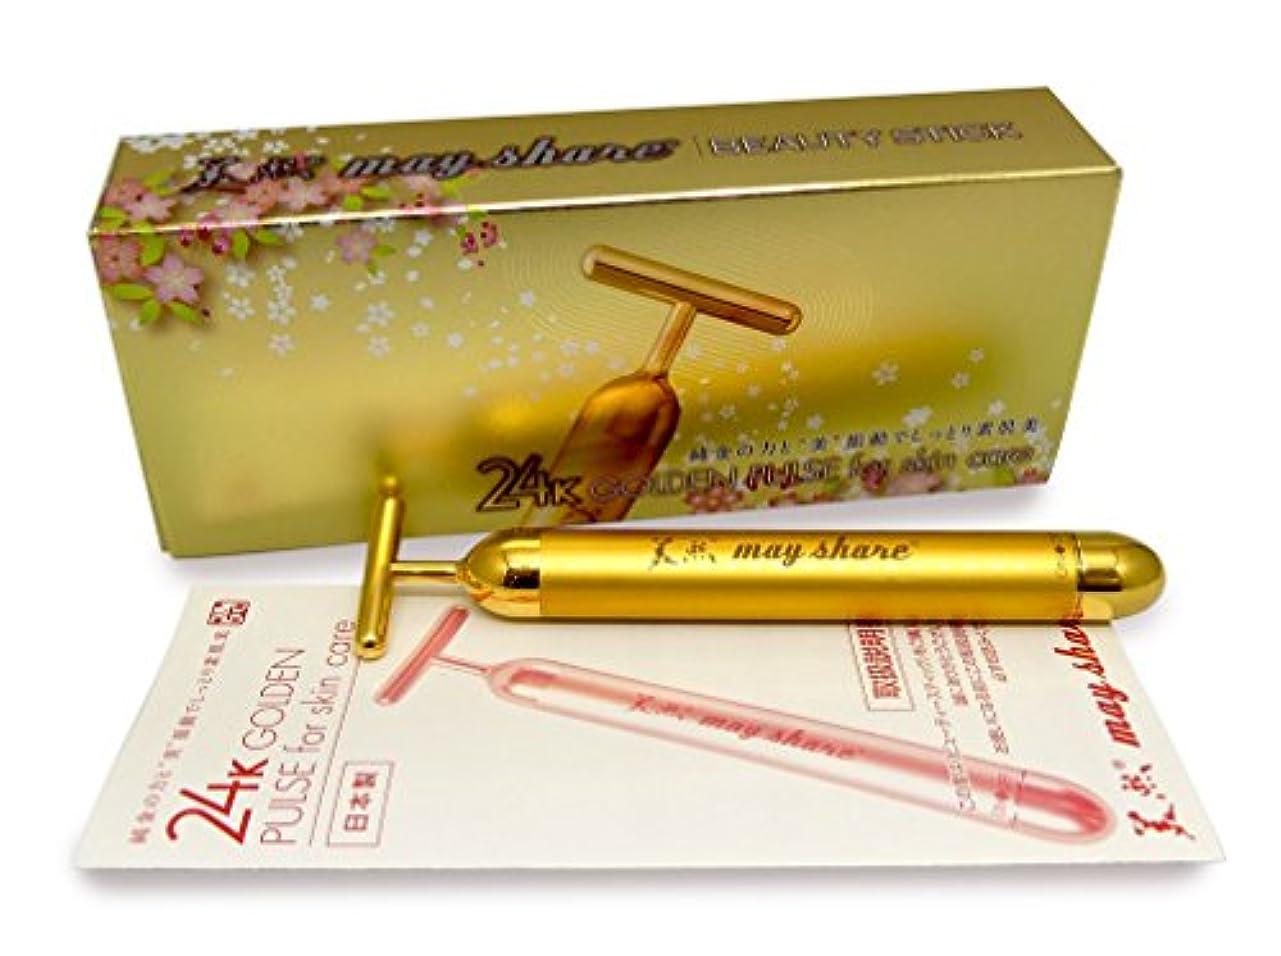 緊張全部ツール日本製 24Kゴールドビューティースティック(T型)Beauty Stick 黄金棒 MS-1